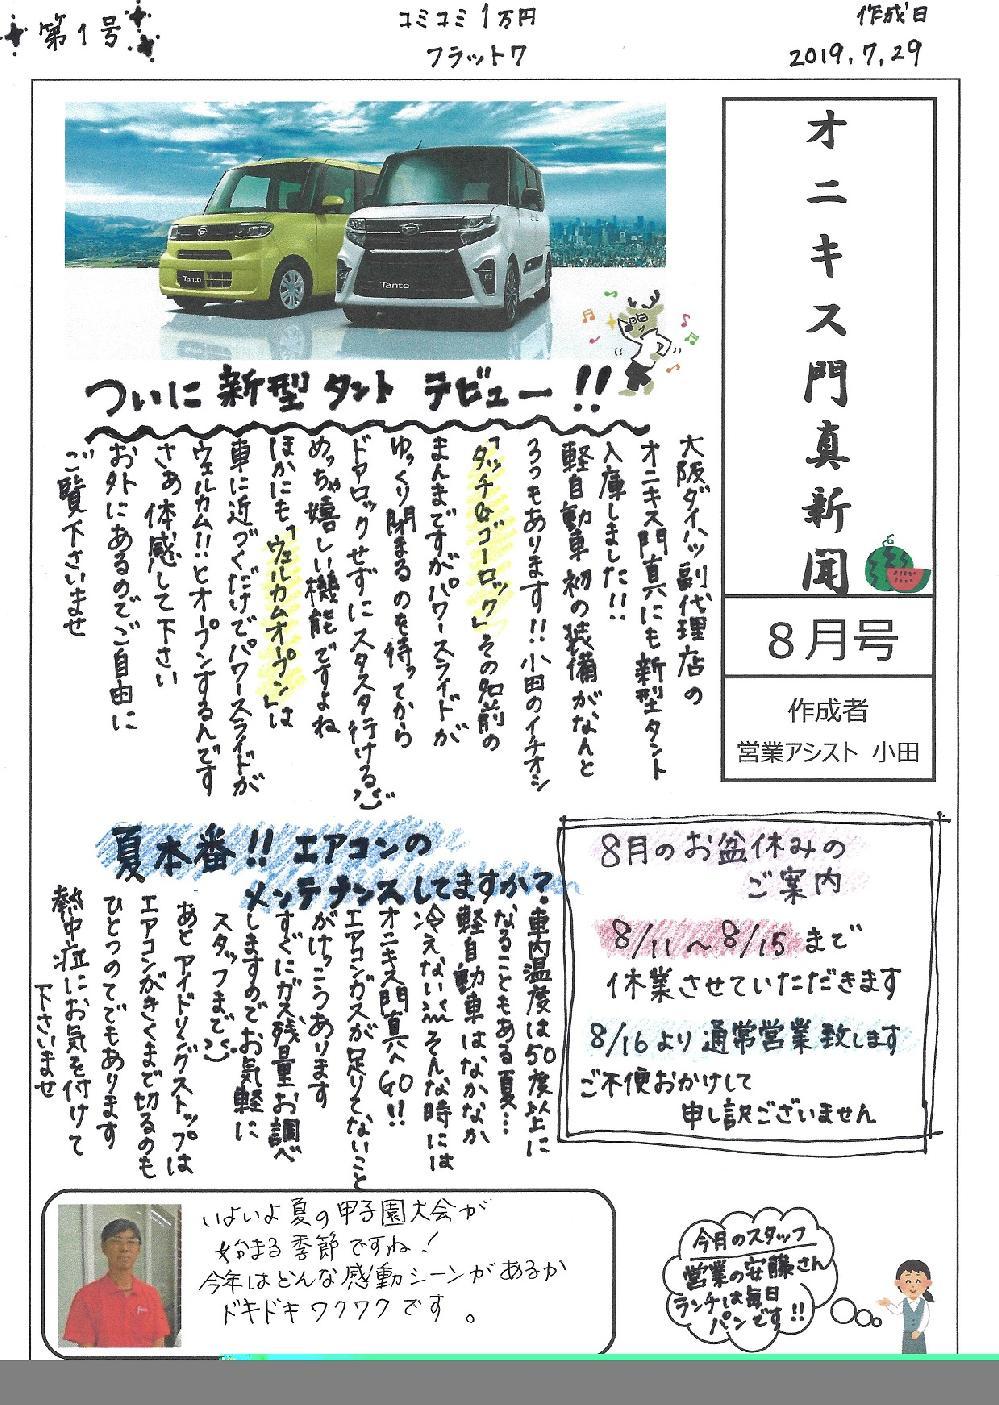 新車リース案内のフラット7オニキス大阪門真新聞8月号